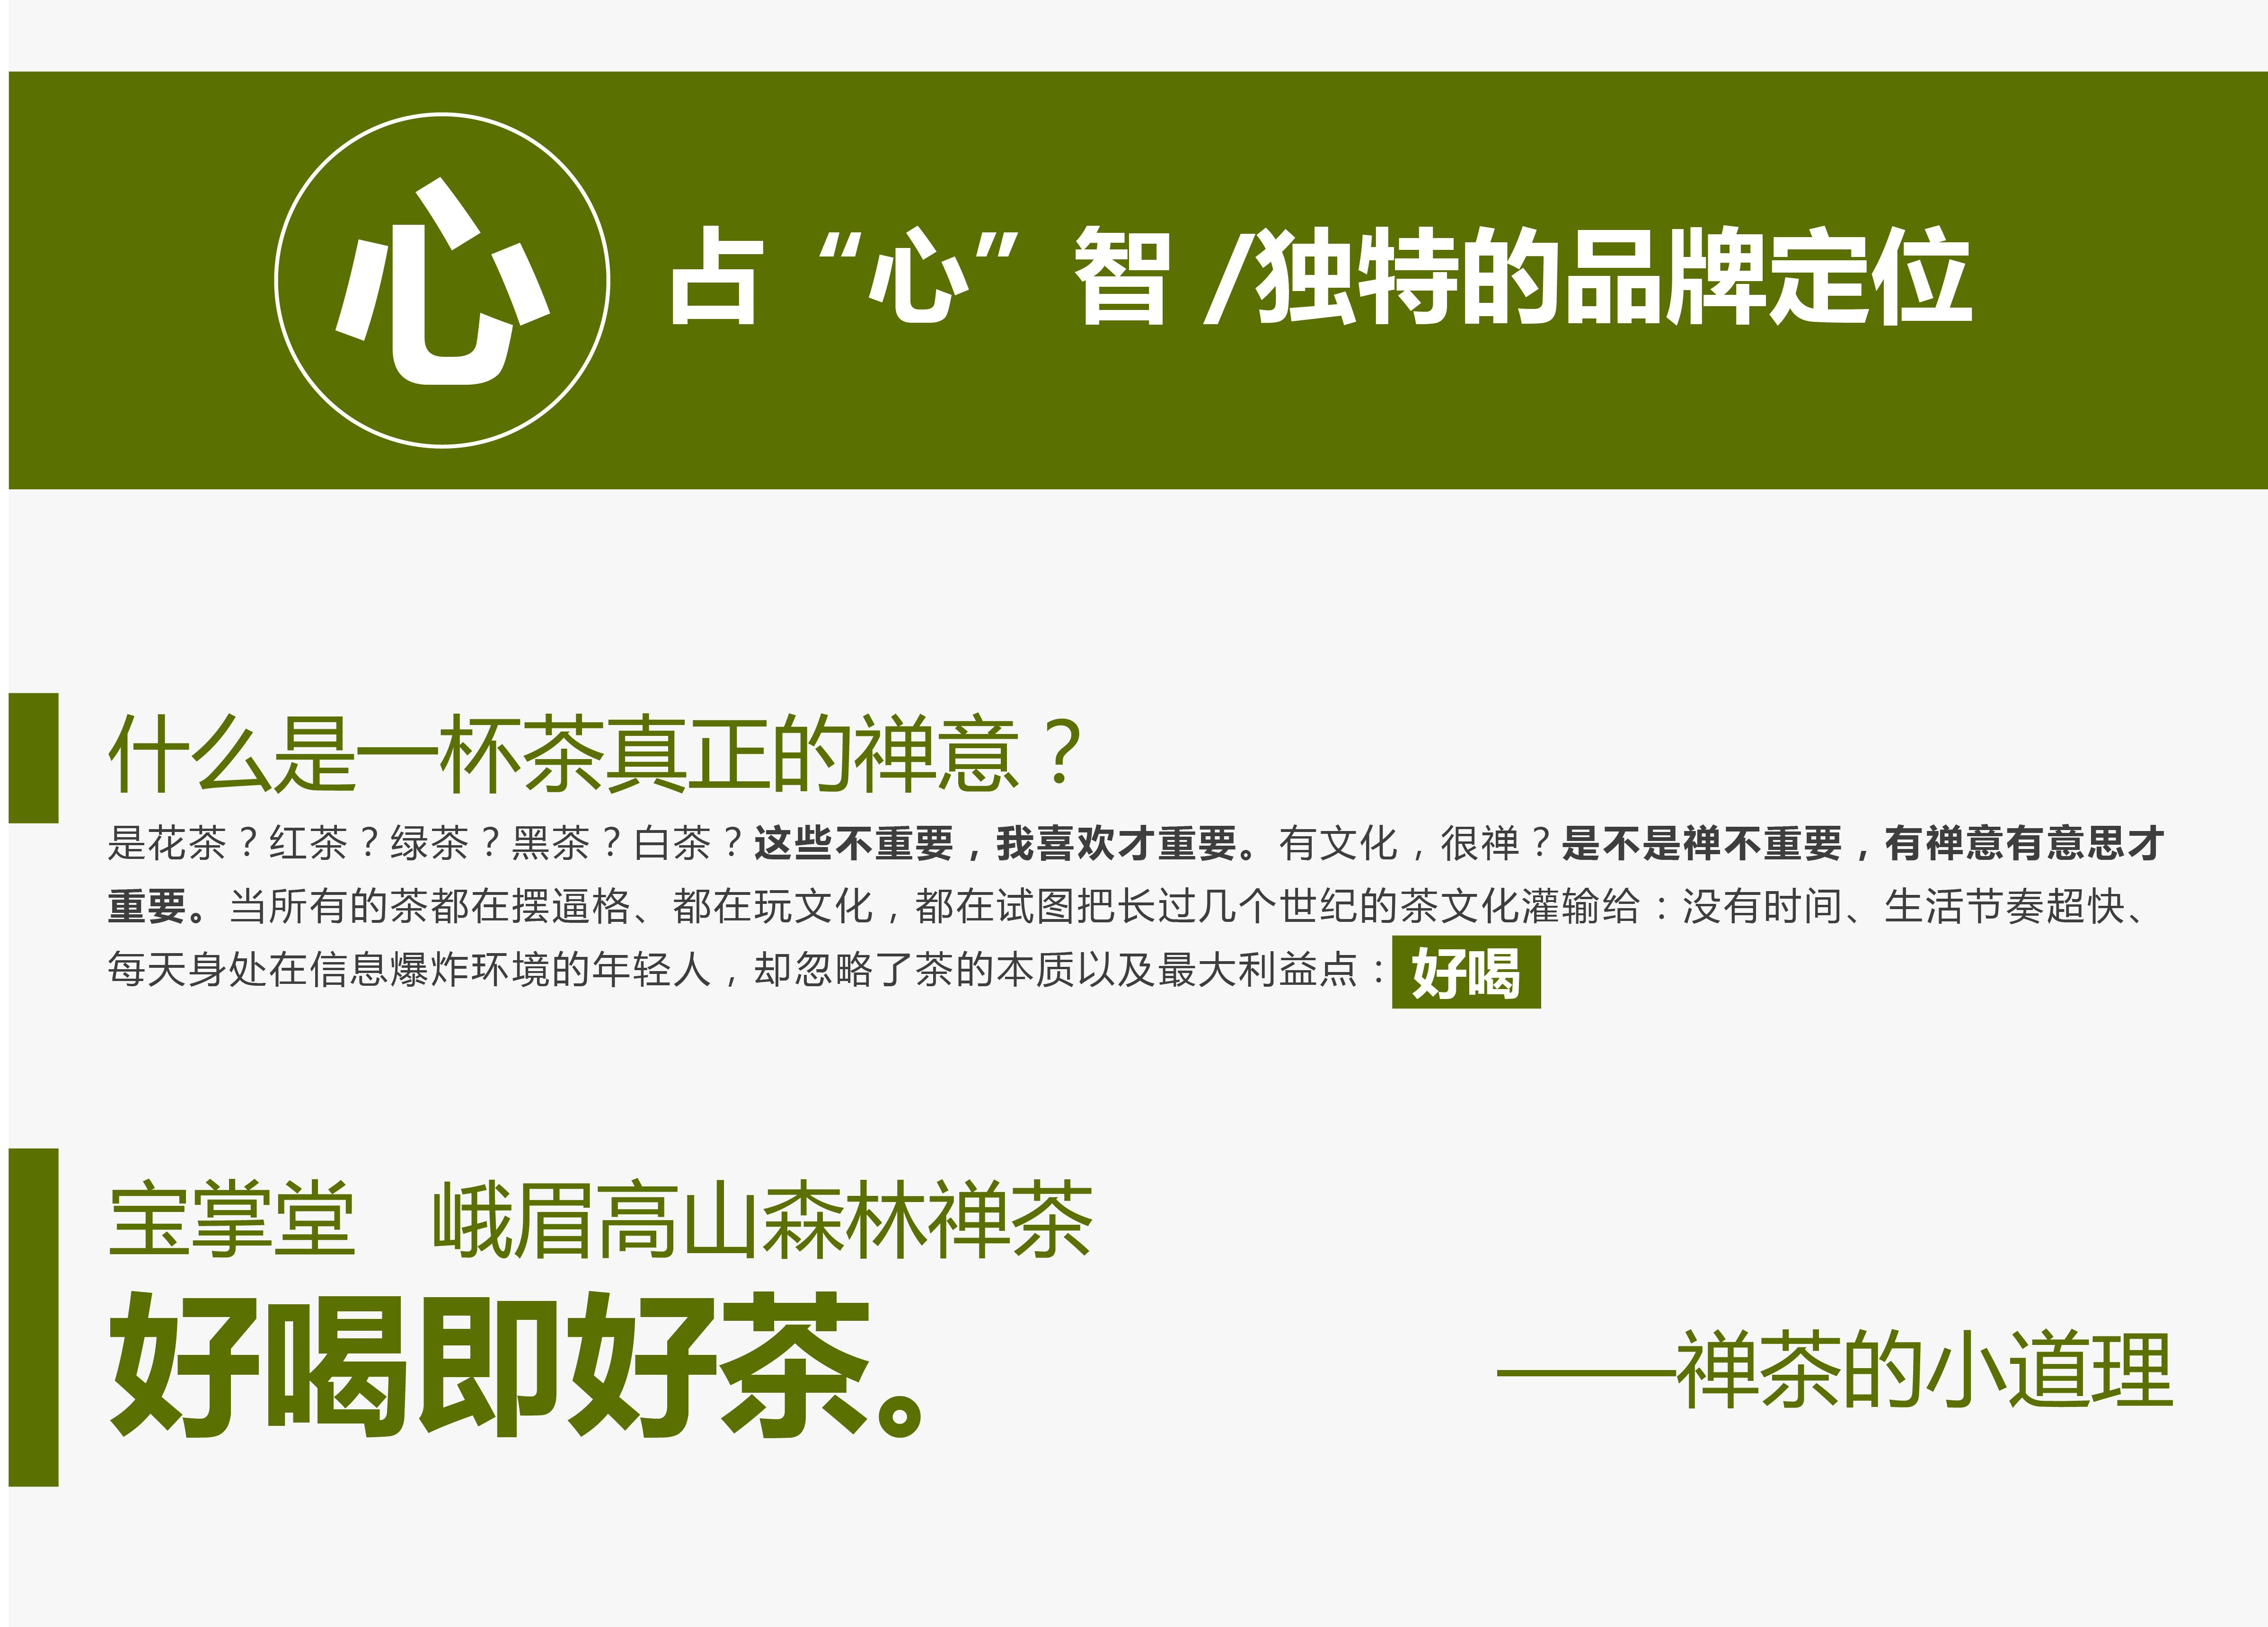 宝掌堂官网-03